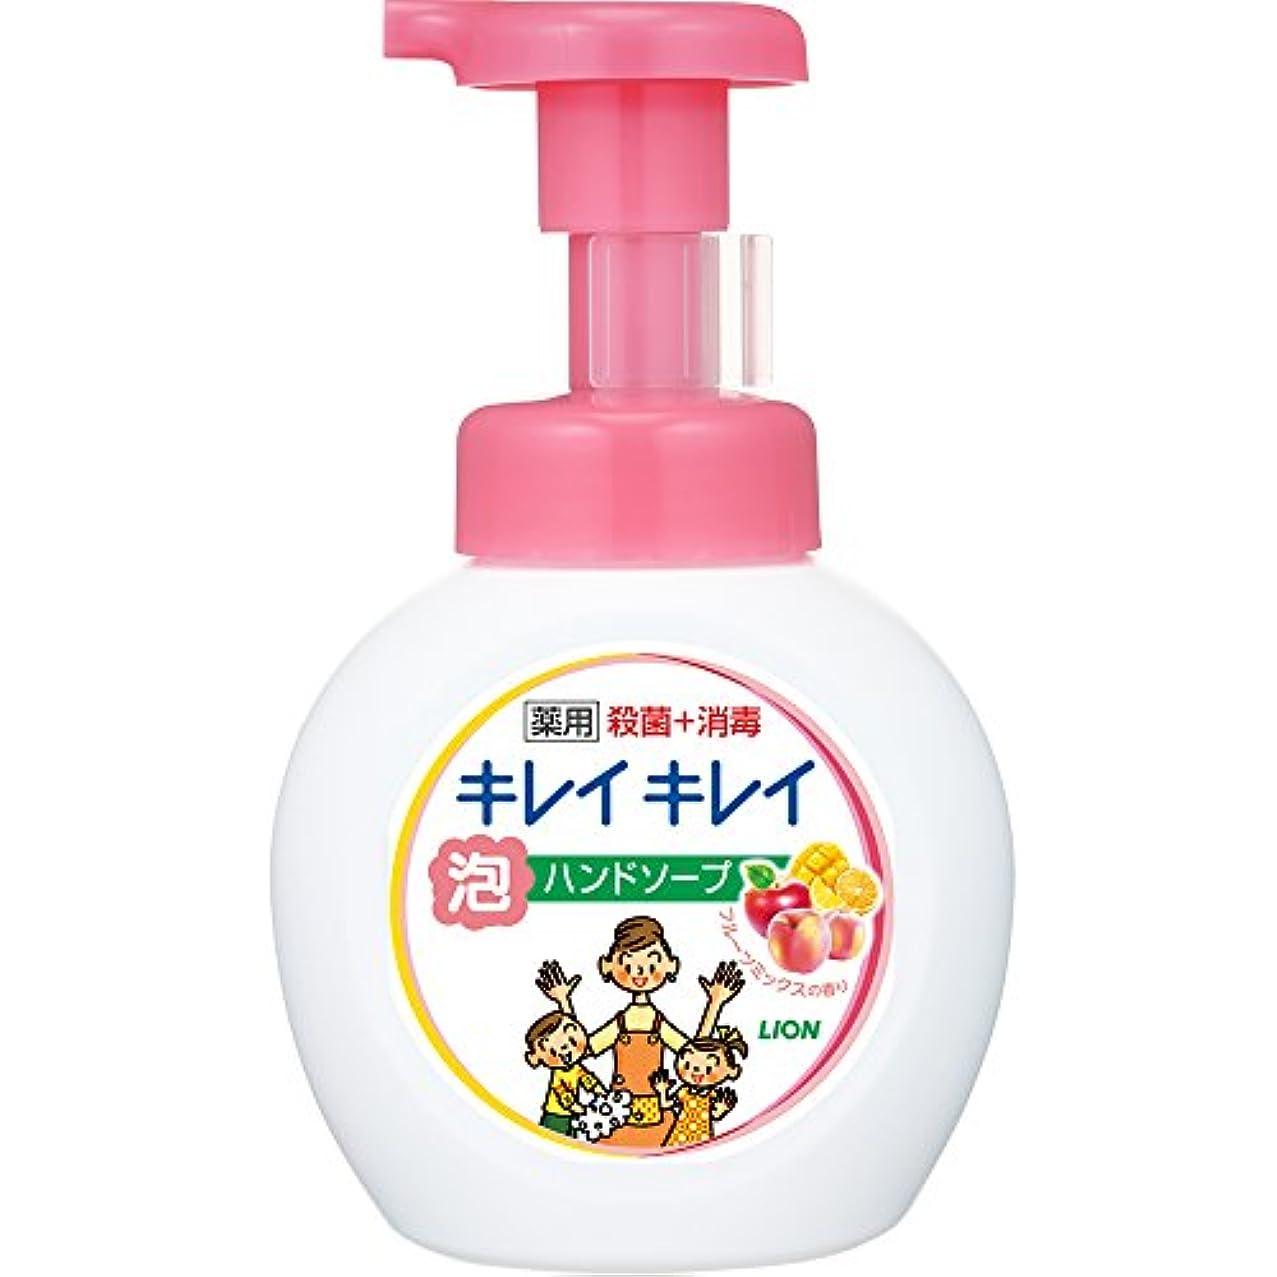 別にアラビア語ぜいたくキレイキレイ 薬用 泡ハンドソープ フルーツミックスの香り ポンプ 250ml(医薬部外品)